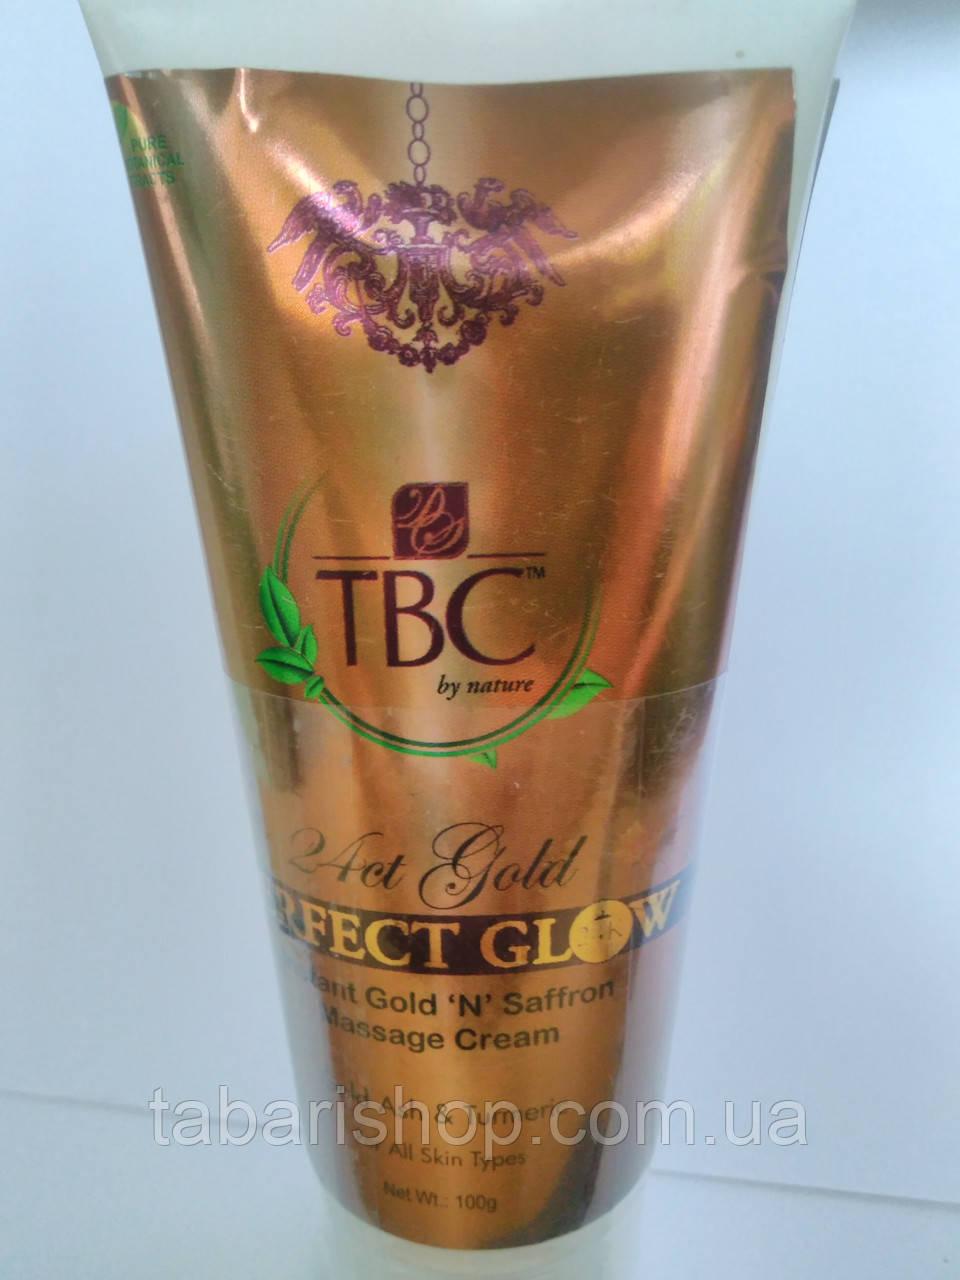 Крем для лица массажный с 24 кт Золото и Шафран, 24kt Gold & Saffran Massage Cream, 100 гр